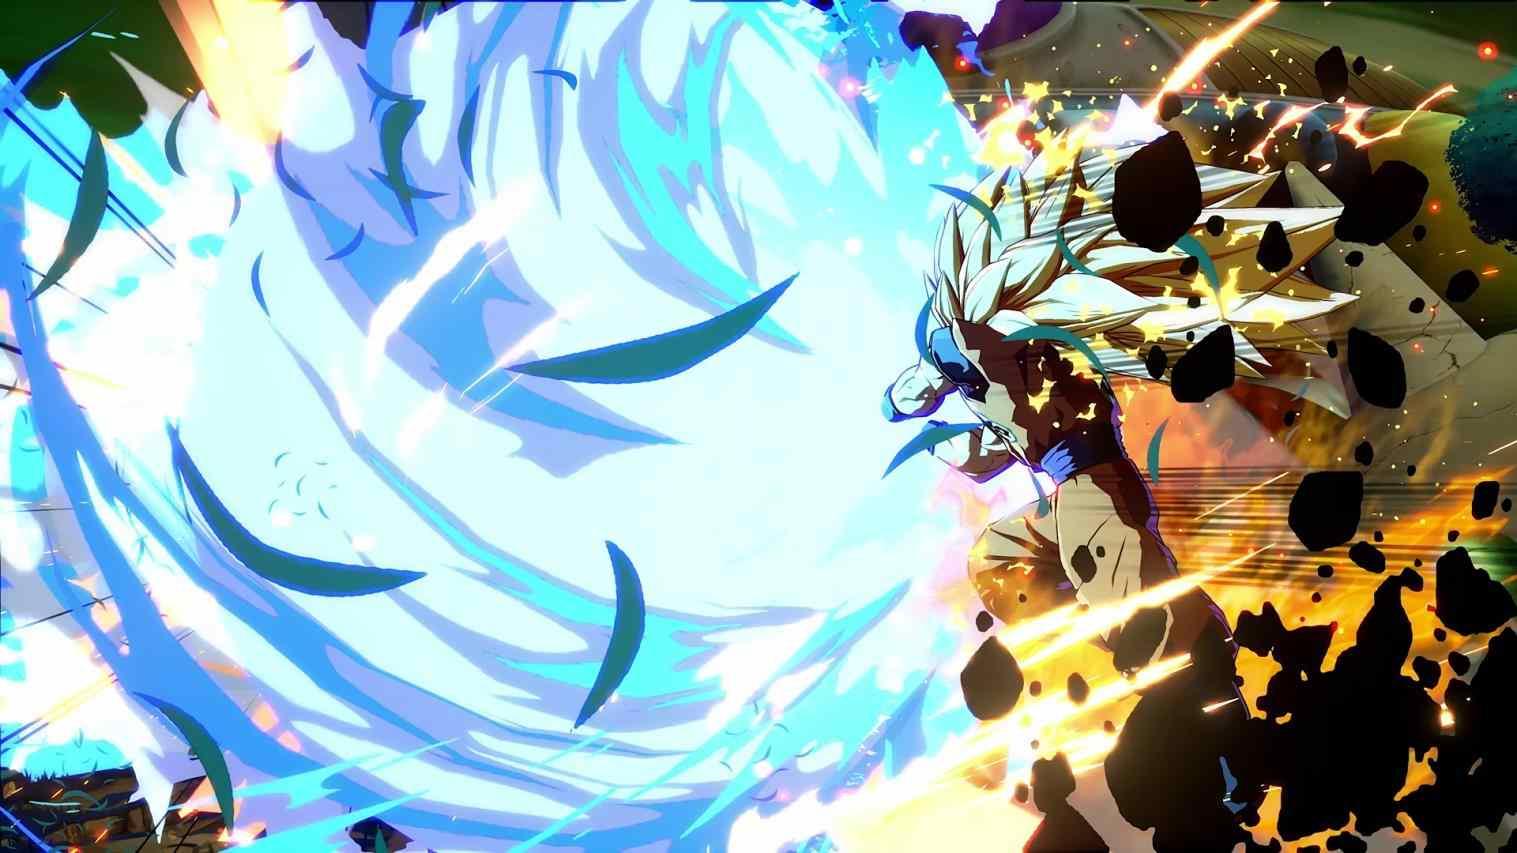 Wallpapers Hd Fig Hd Dragon Ball Z Goku Super Saiyan 3